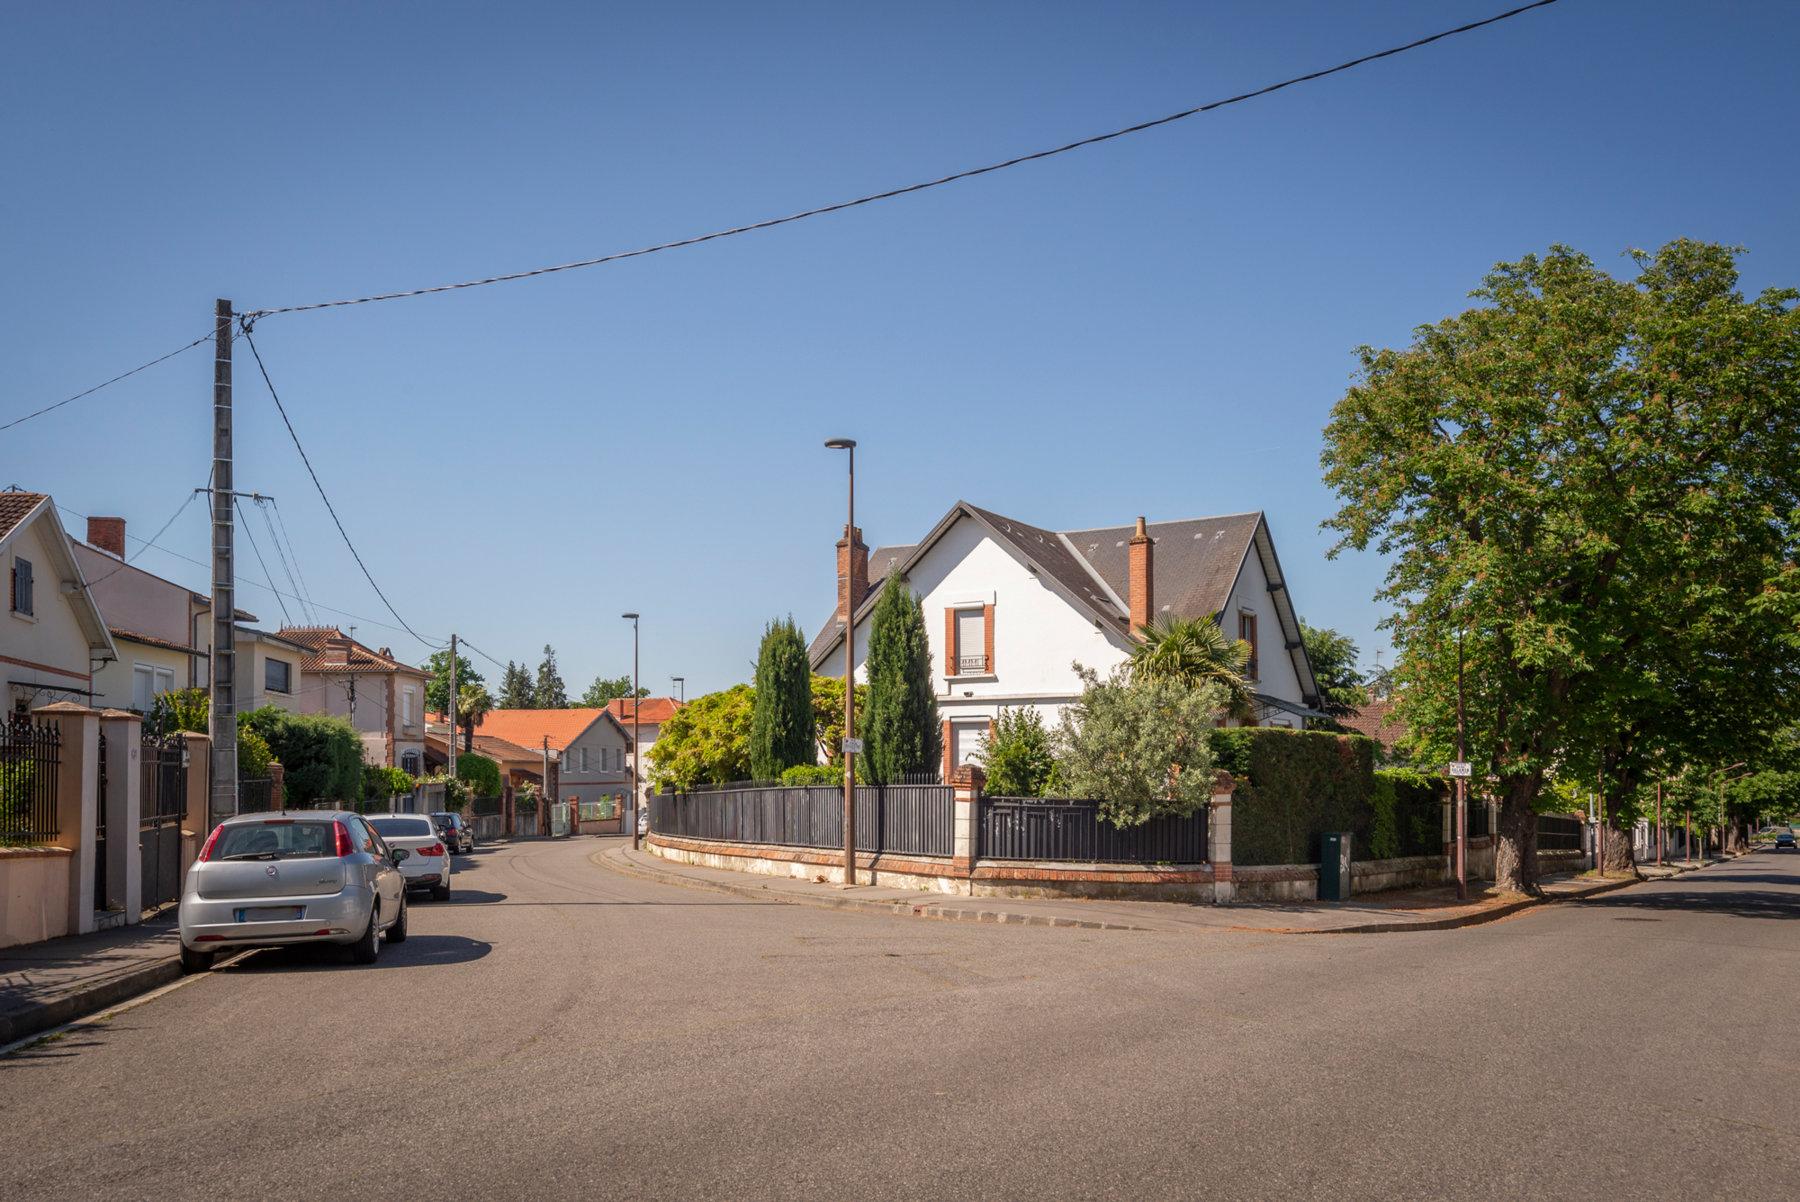 Immobilier Cote Pavee Vivre Dans Le Quartier Cote Pavee A